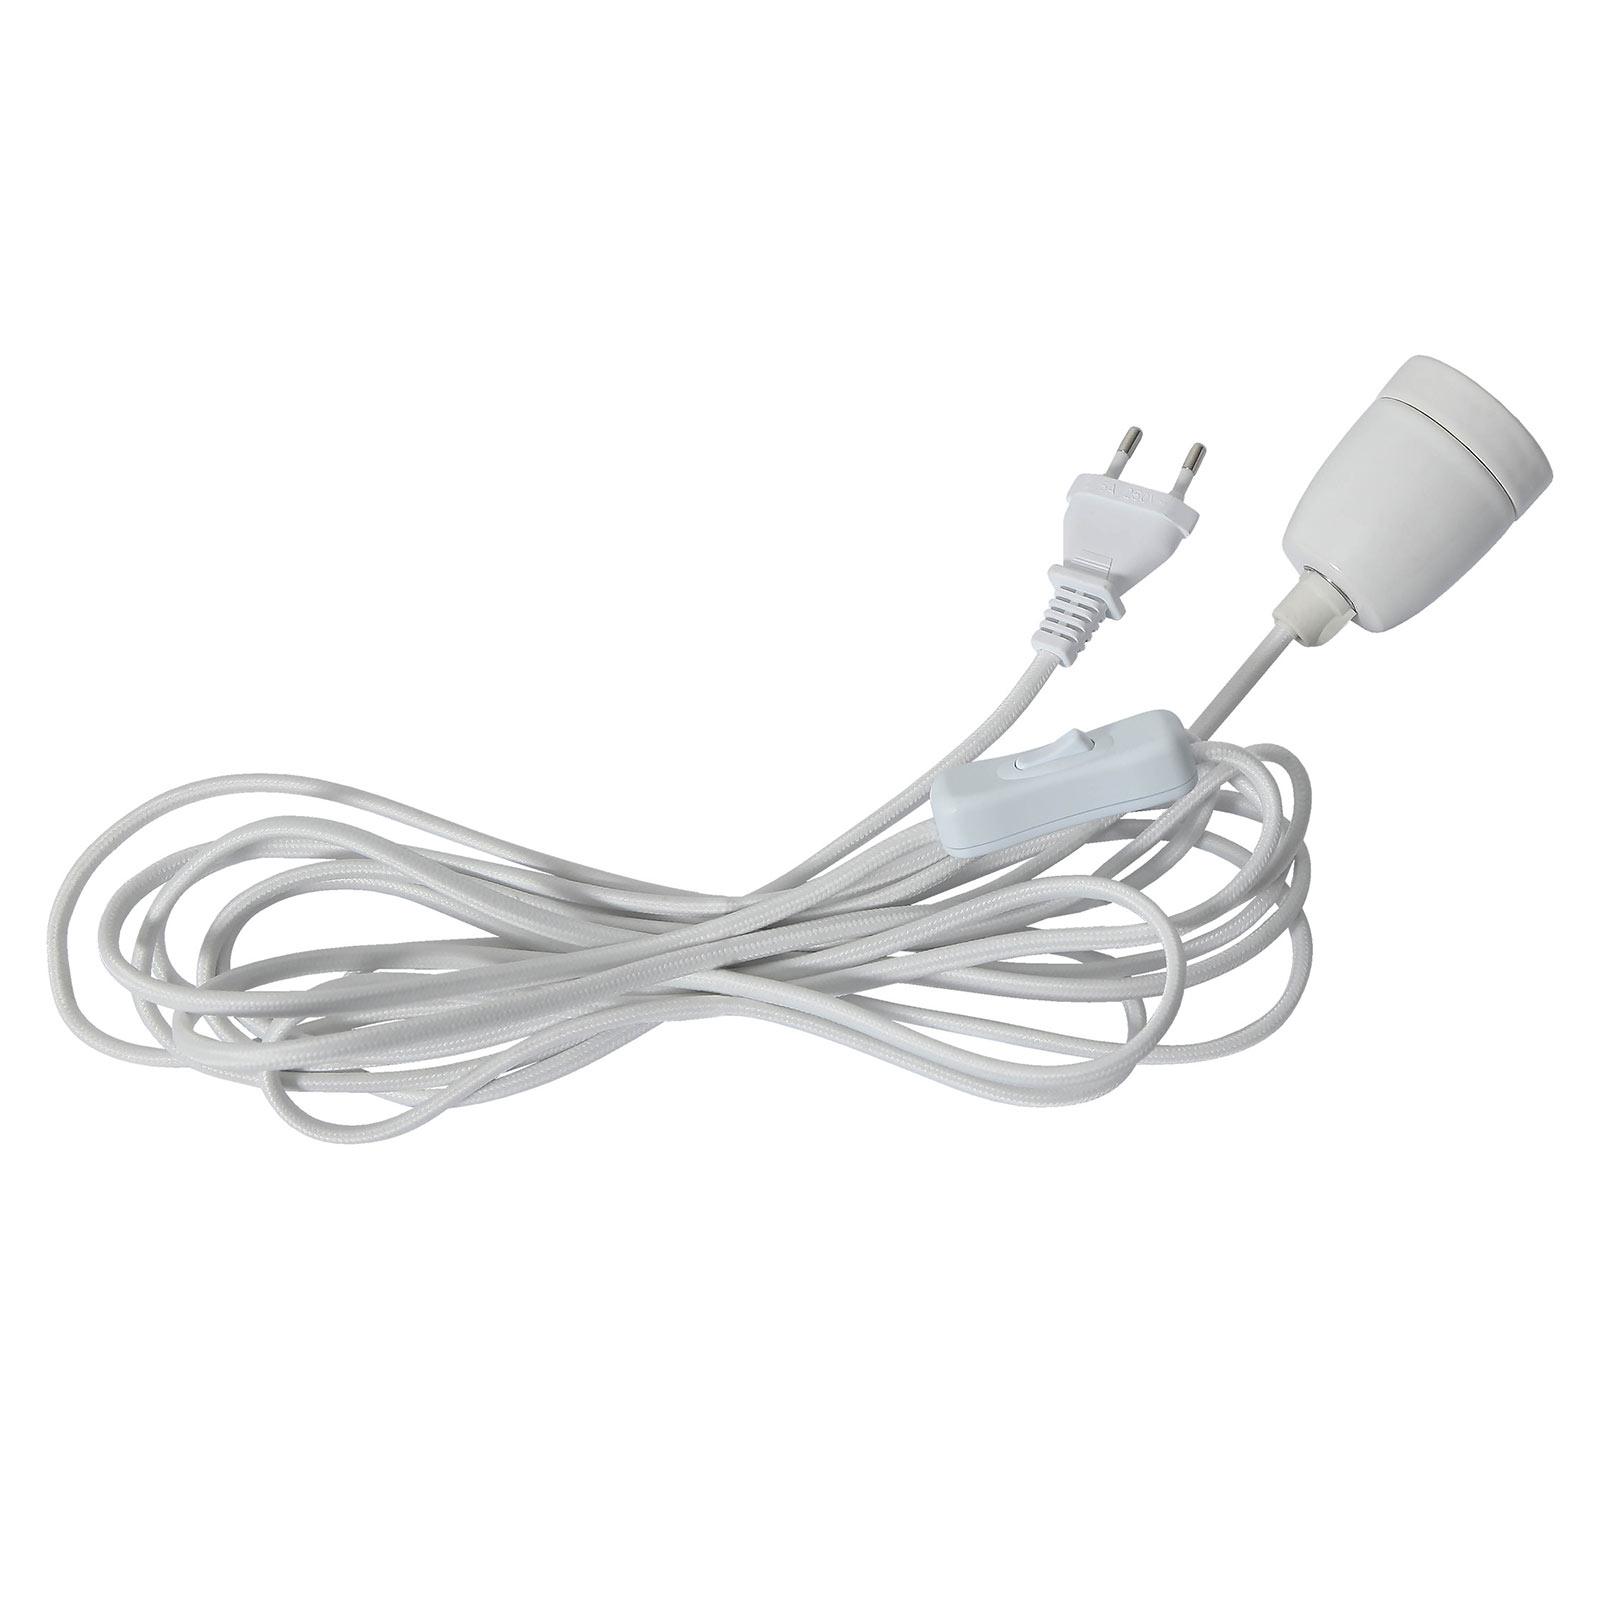 E27 patice Glaze s kabelem, bílá